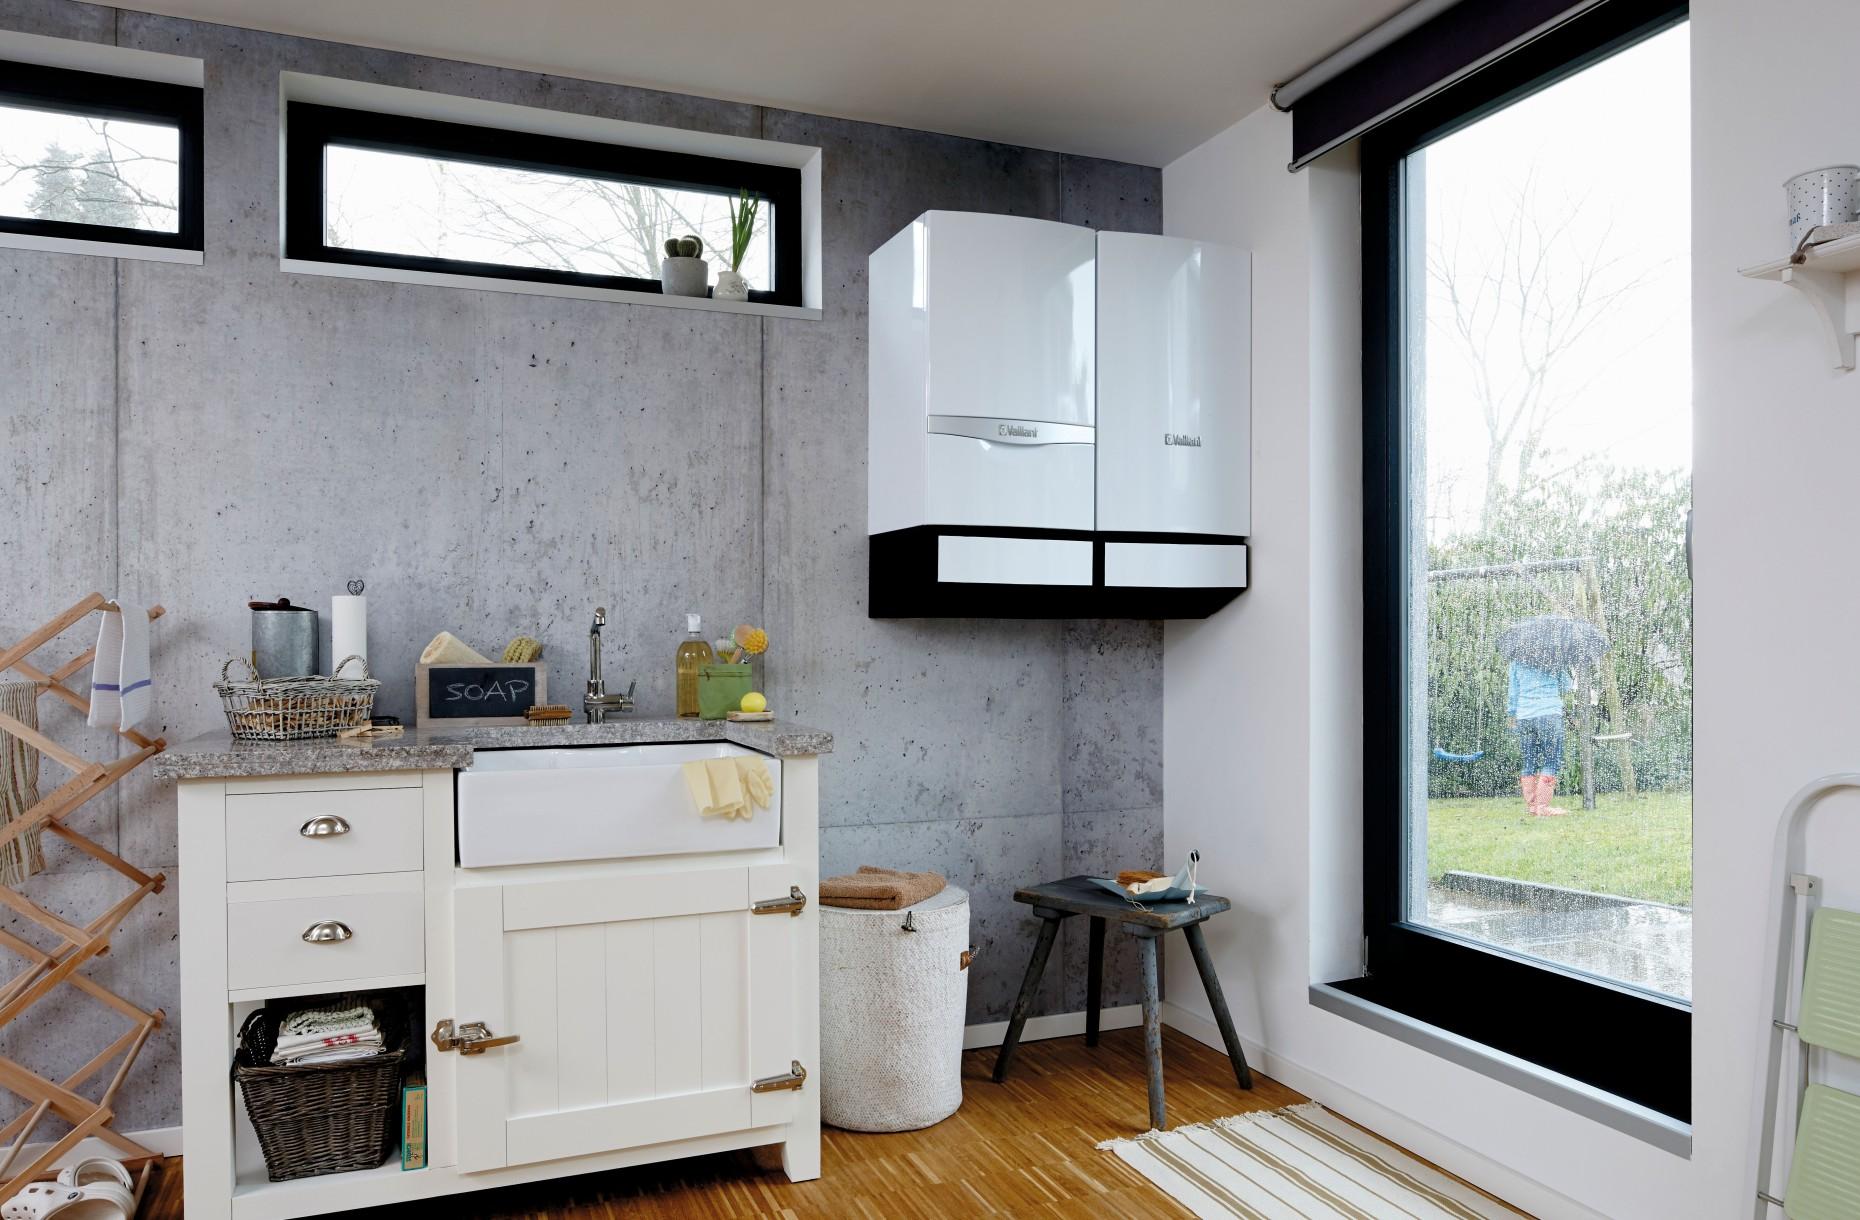 chaudi res murales condensation au gaz ecotec plus. Black Bedroom Furniture Sets. Home Design Ideas